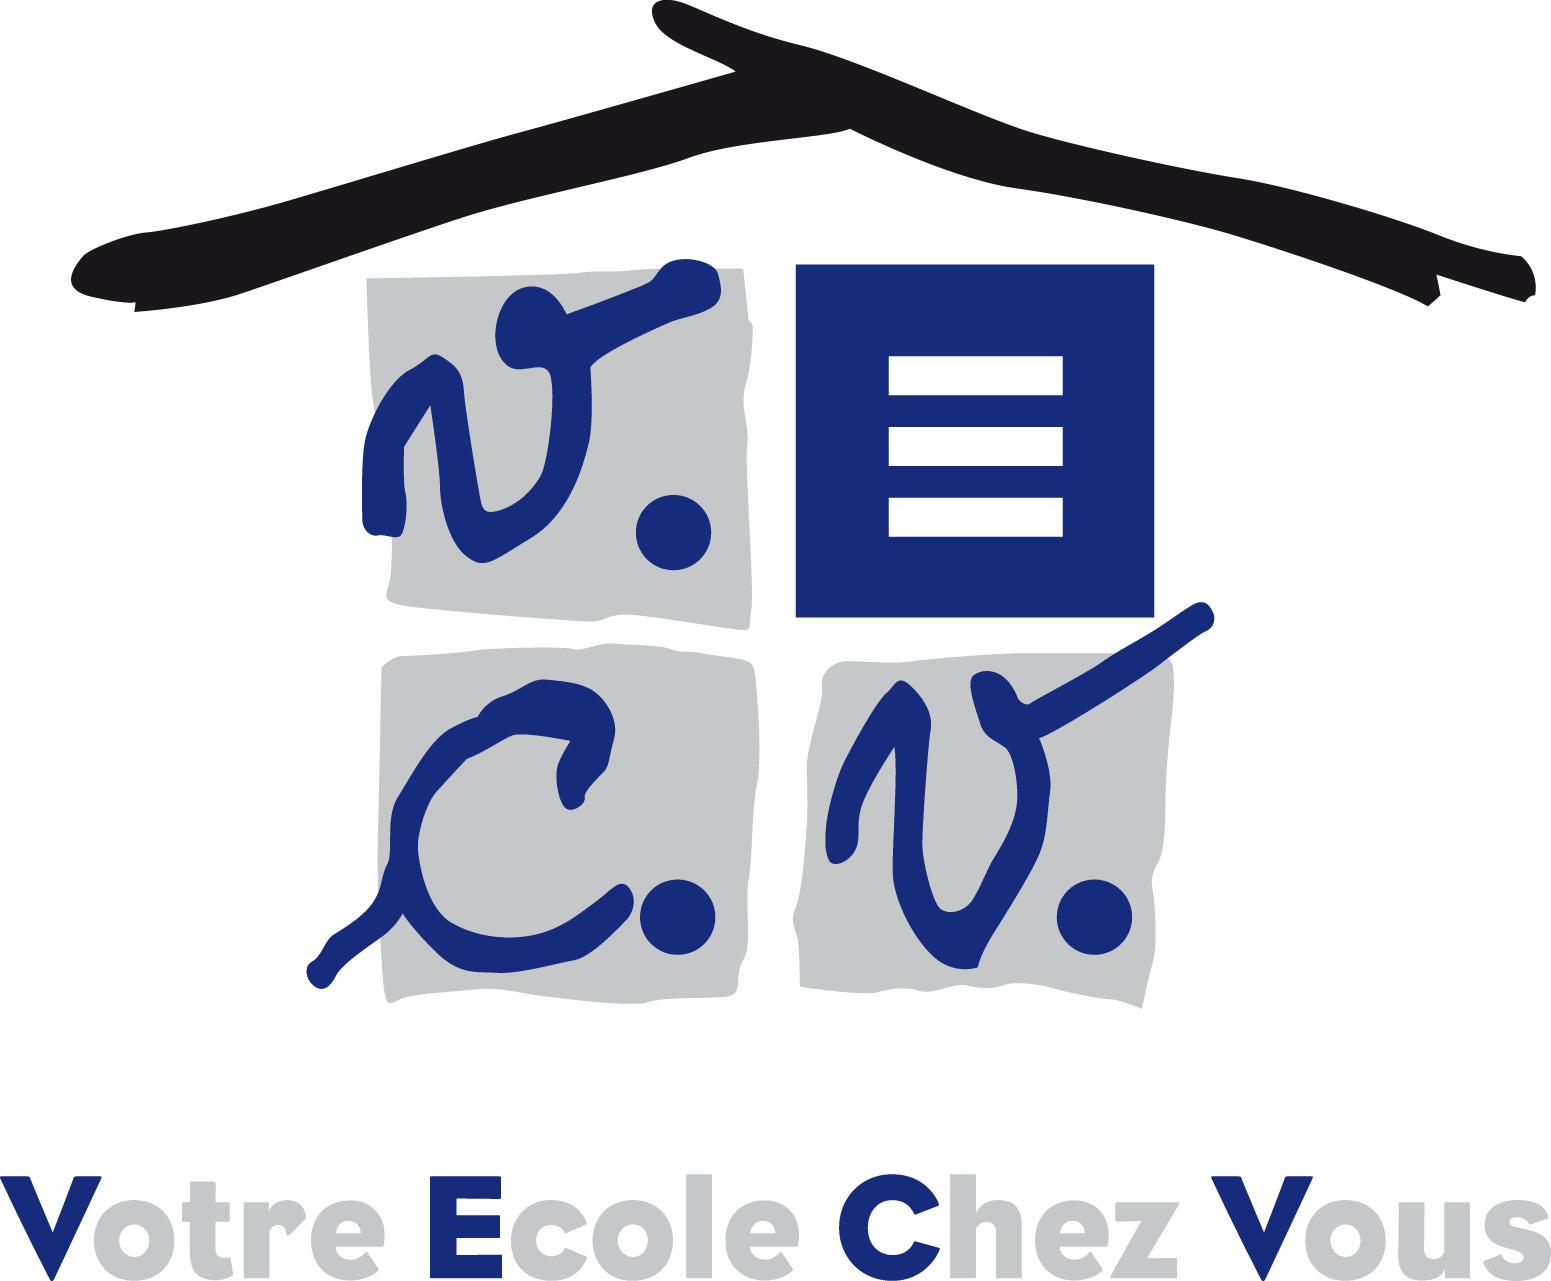 logo_VECV_RVB-1